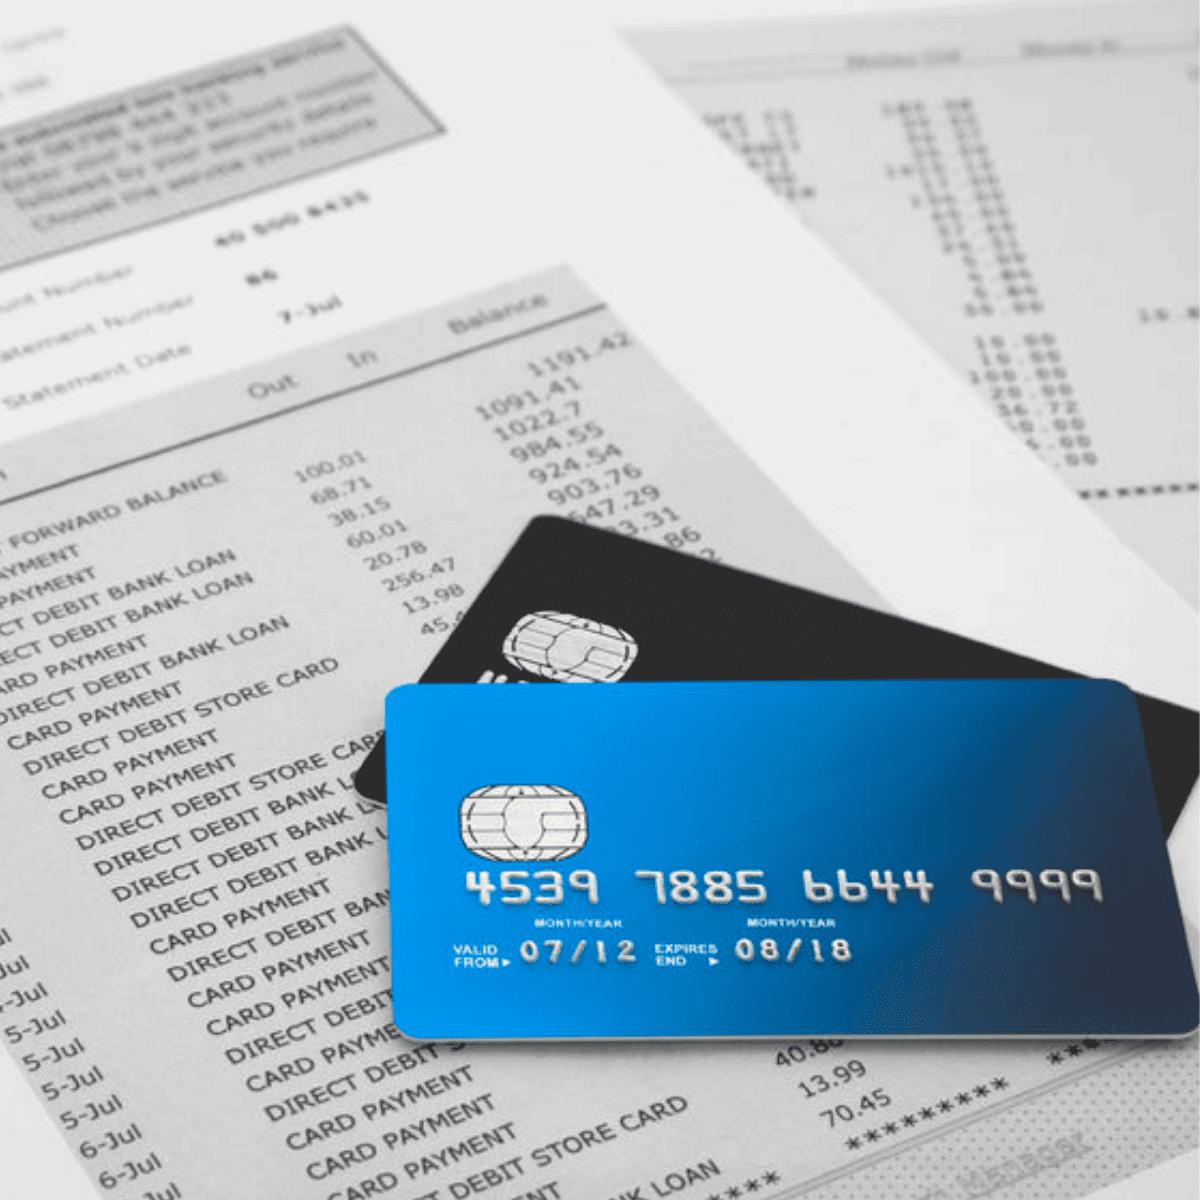 Que faire lorsque vous ne reconnaissez pas une facturation sur votre relevé de carte de crédit